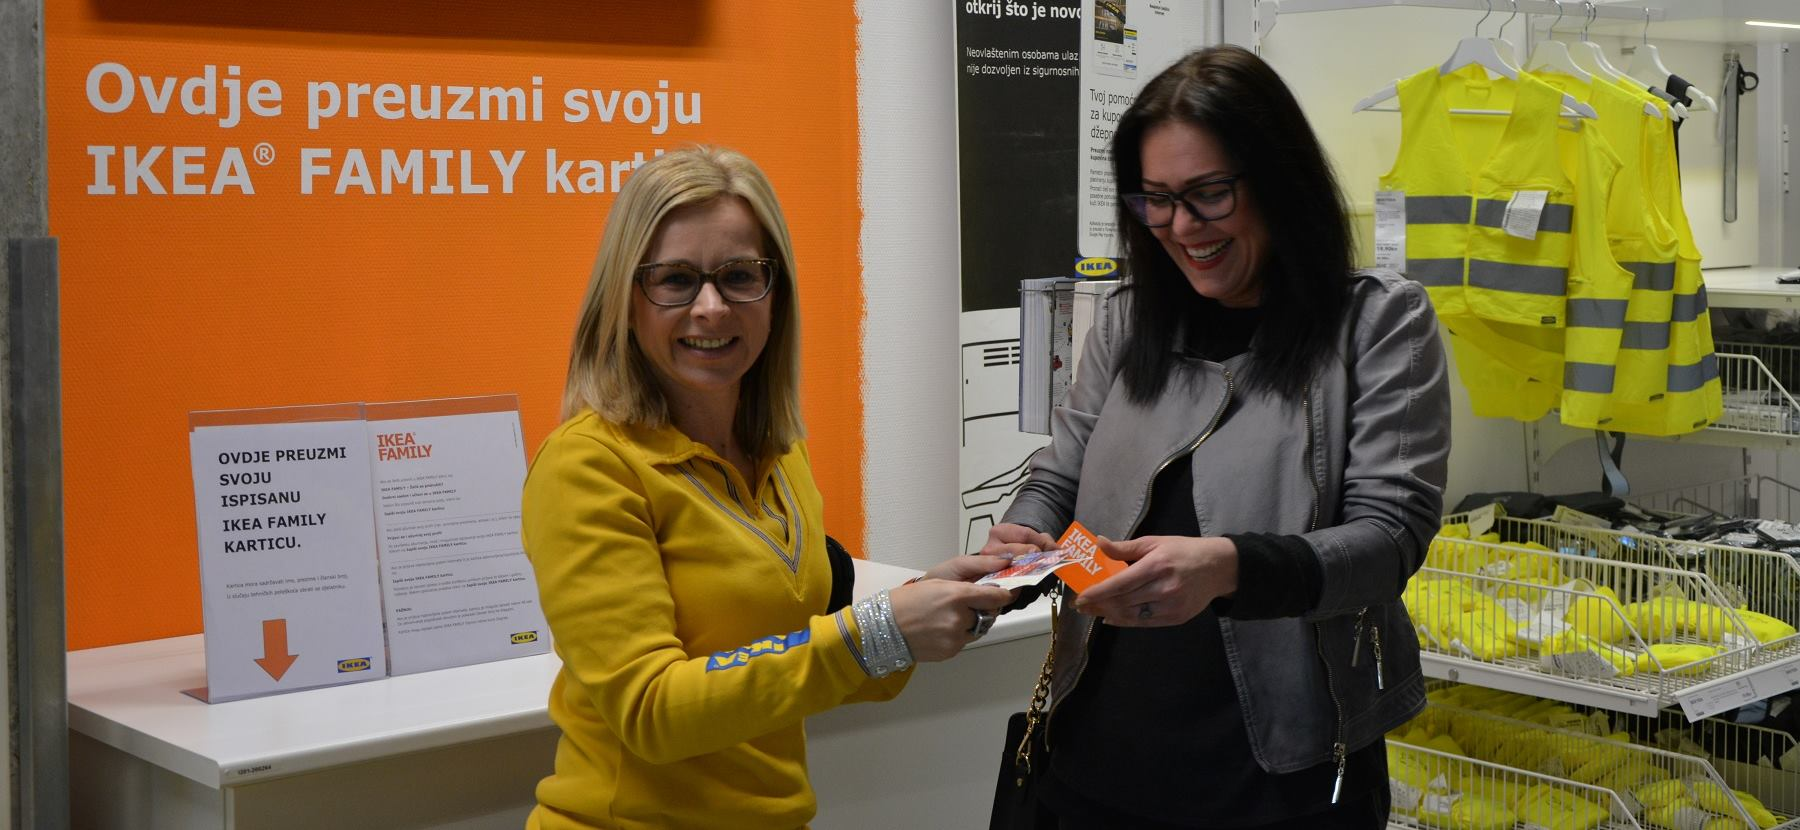 IKEA FAMILY program ima 200 tisuća članova u Republici Hrvatskoj